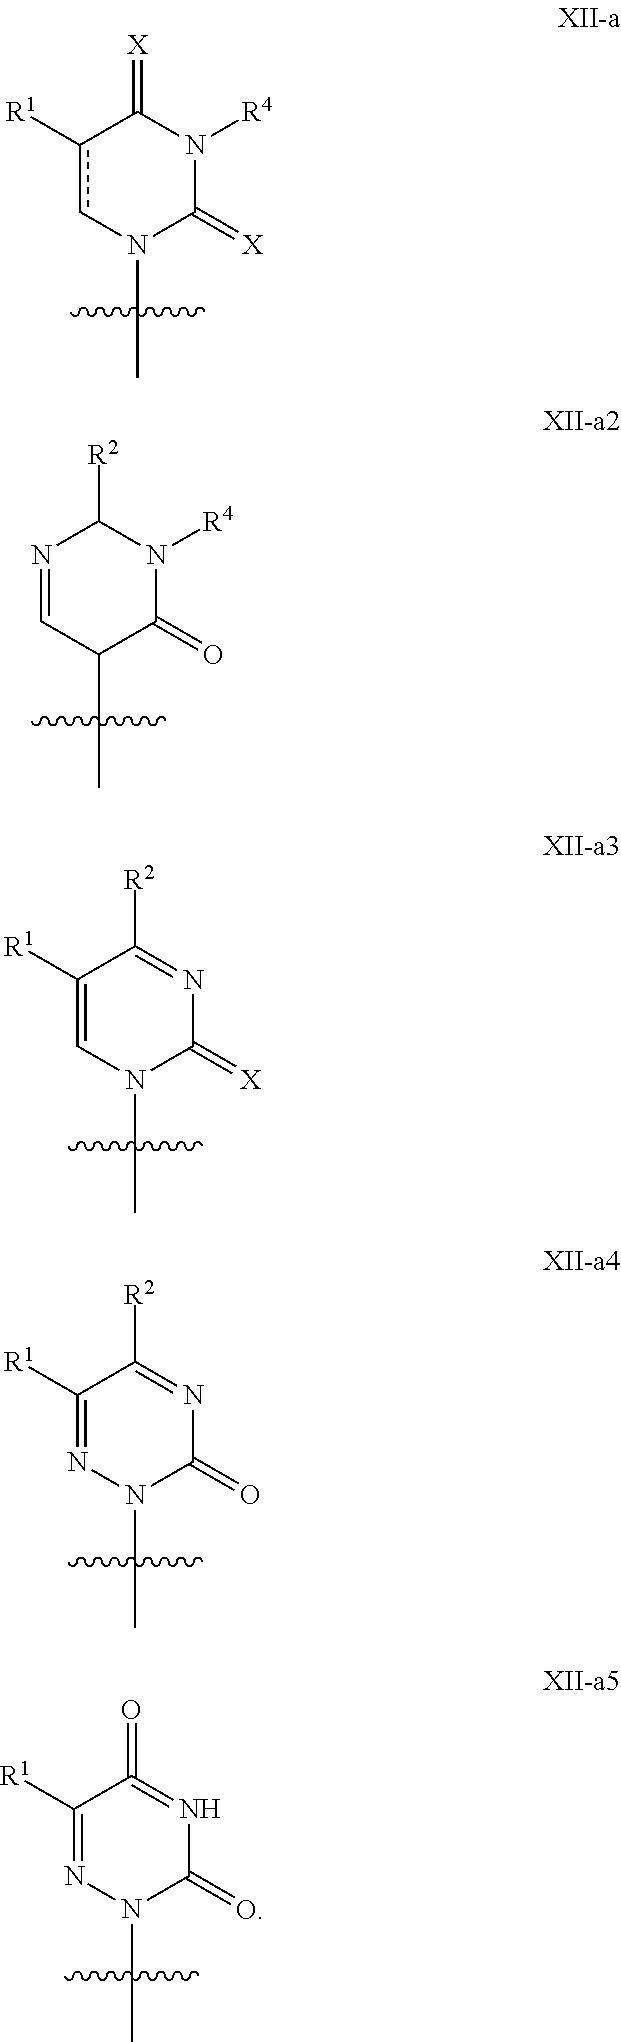 Figure US09428535-20160830-C00158